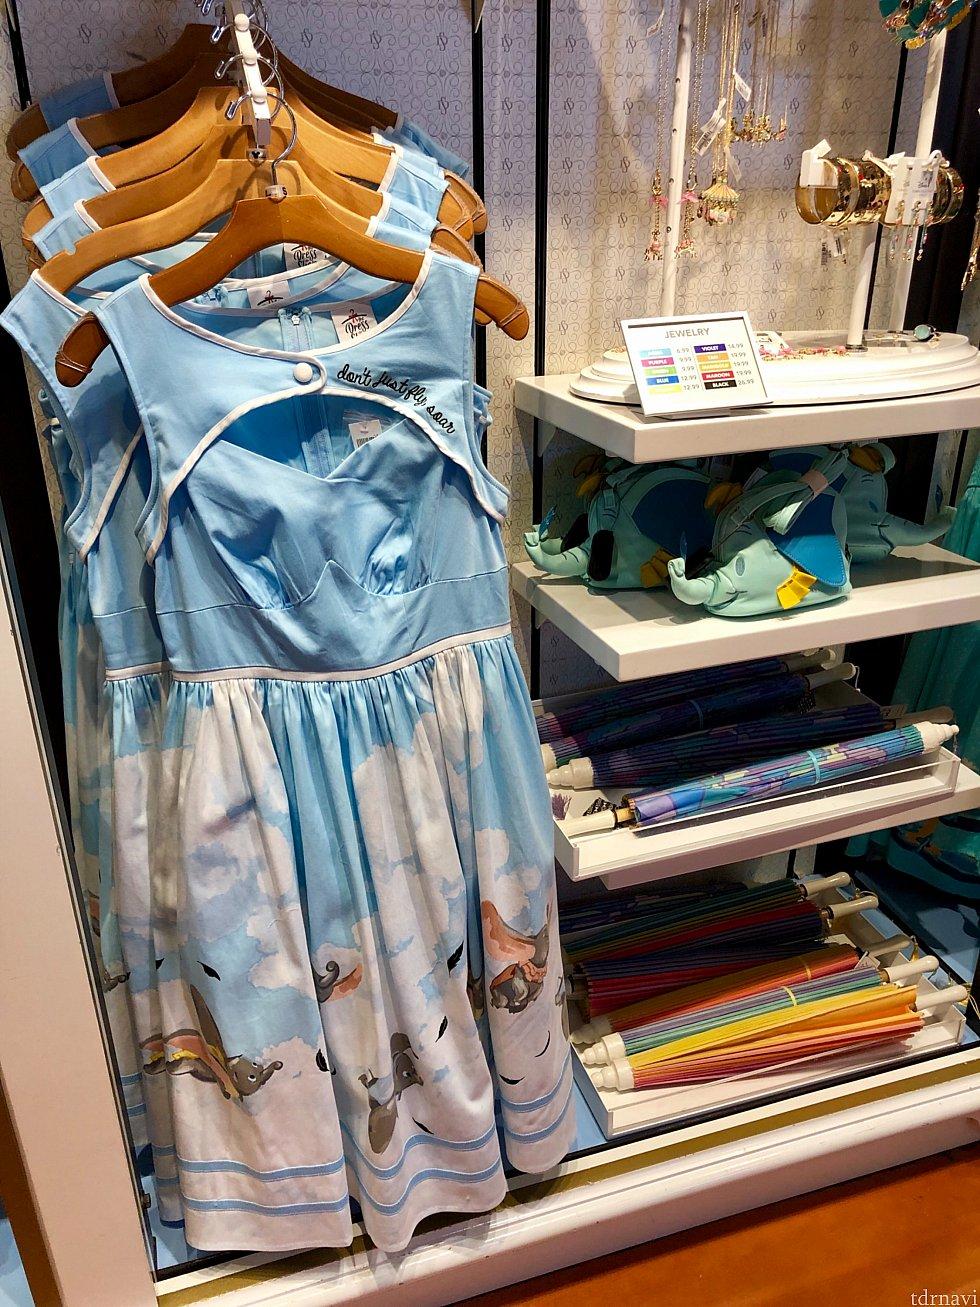 こちらはディズニーパークのドレスかと思いきや、ダンボのドレスでした。don't just fly! Soar!と刺繍がしてあります。$128